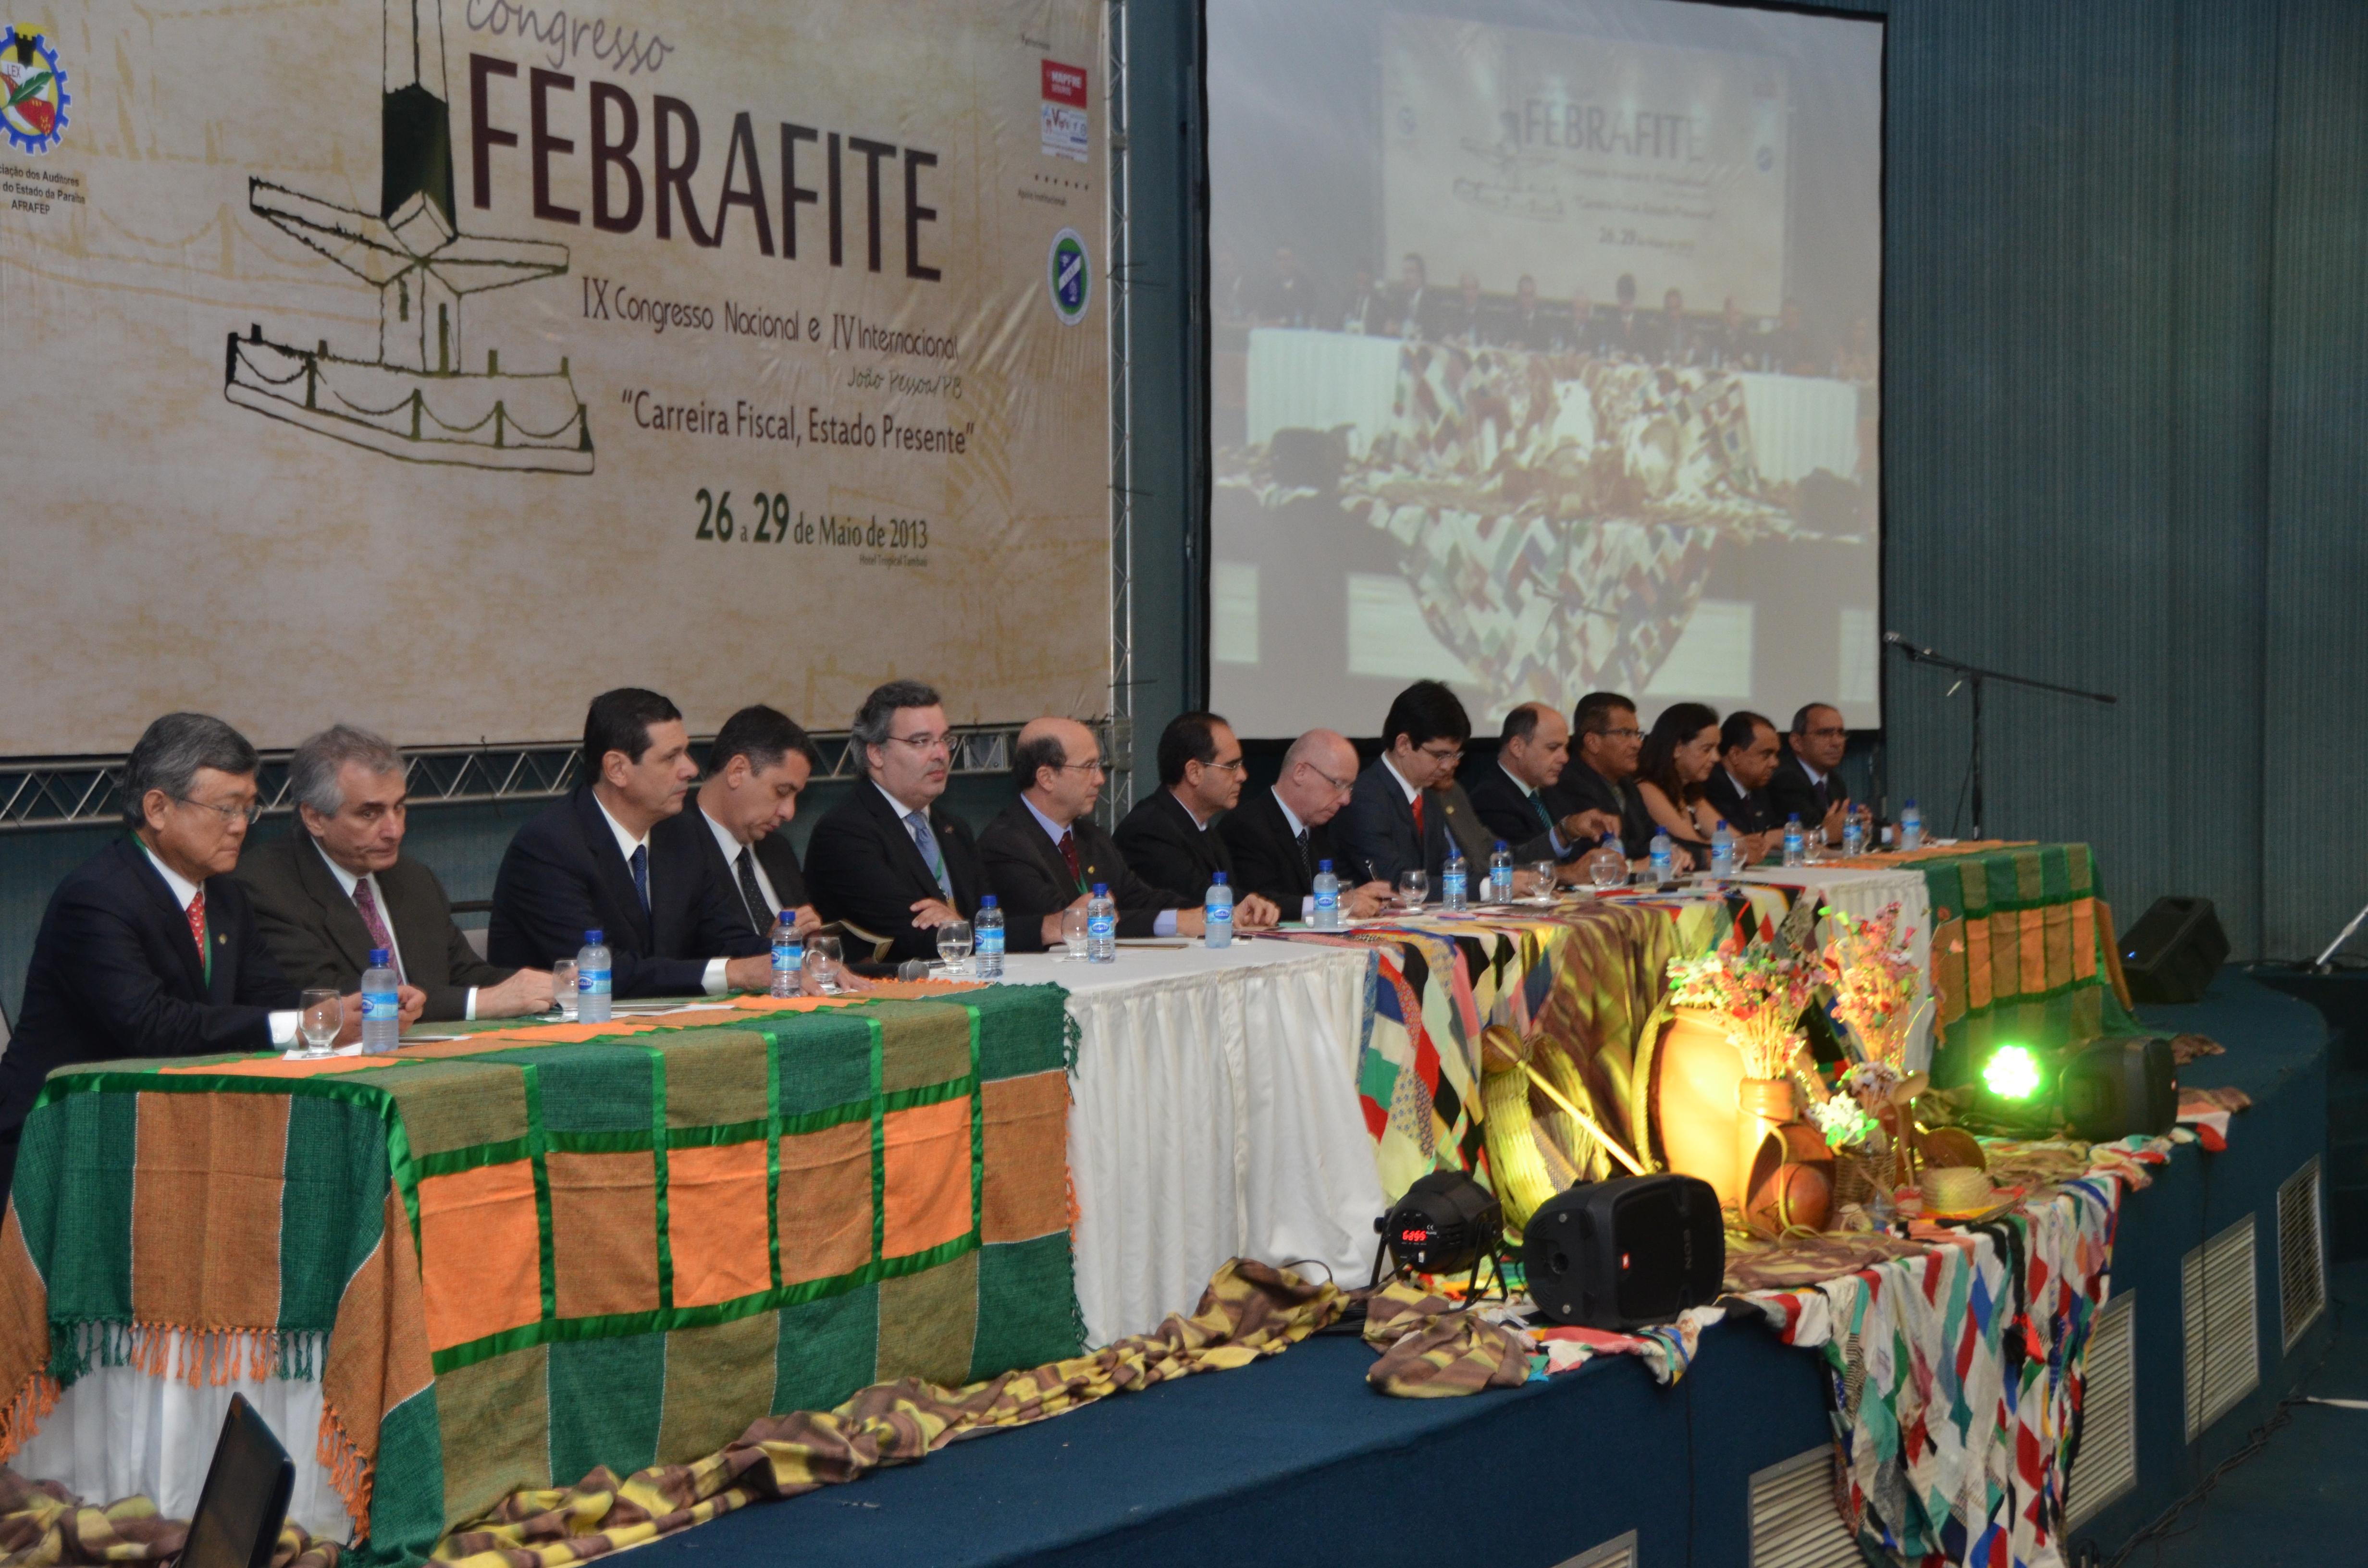 Começa o IX Congresso Nacional e IV Internacional da FEBRAFITE, em João Pessoa